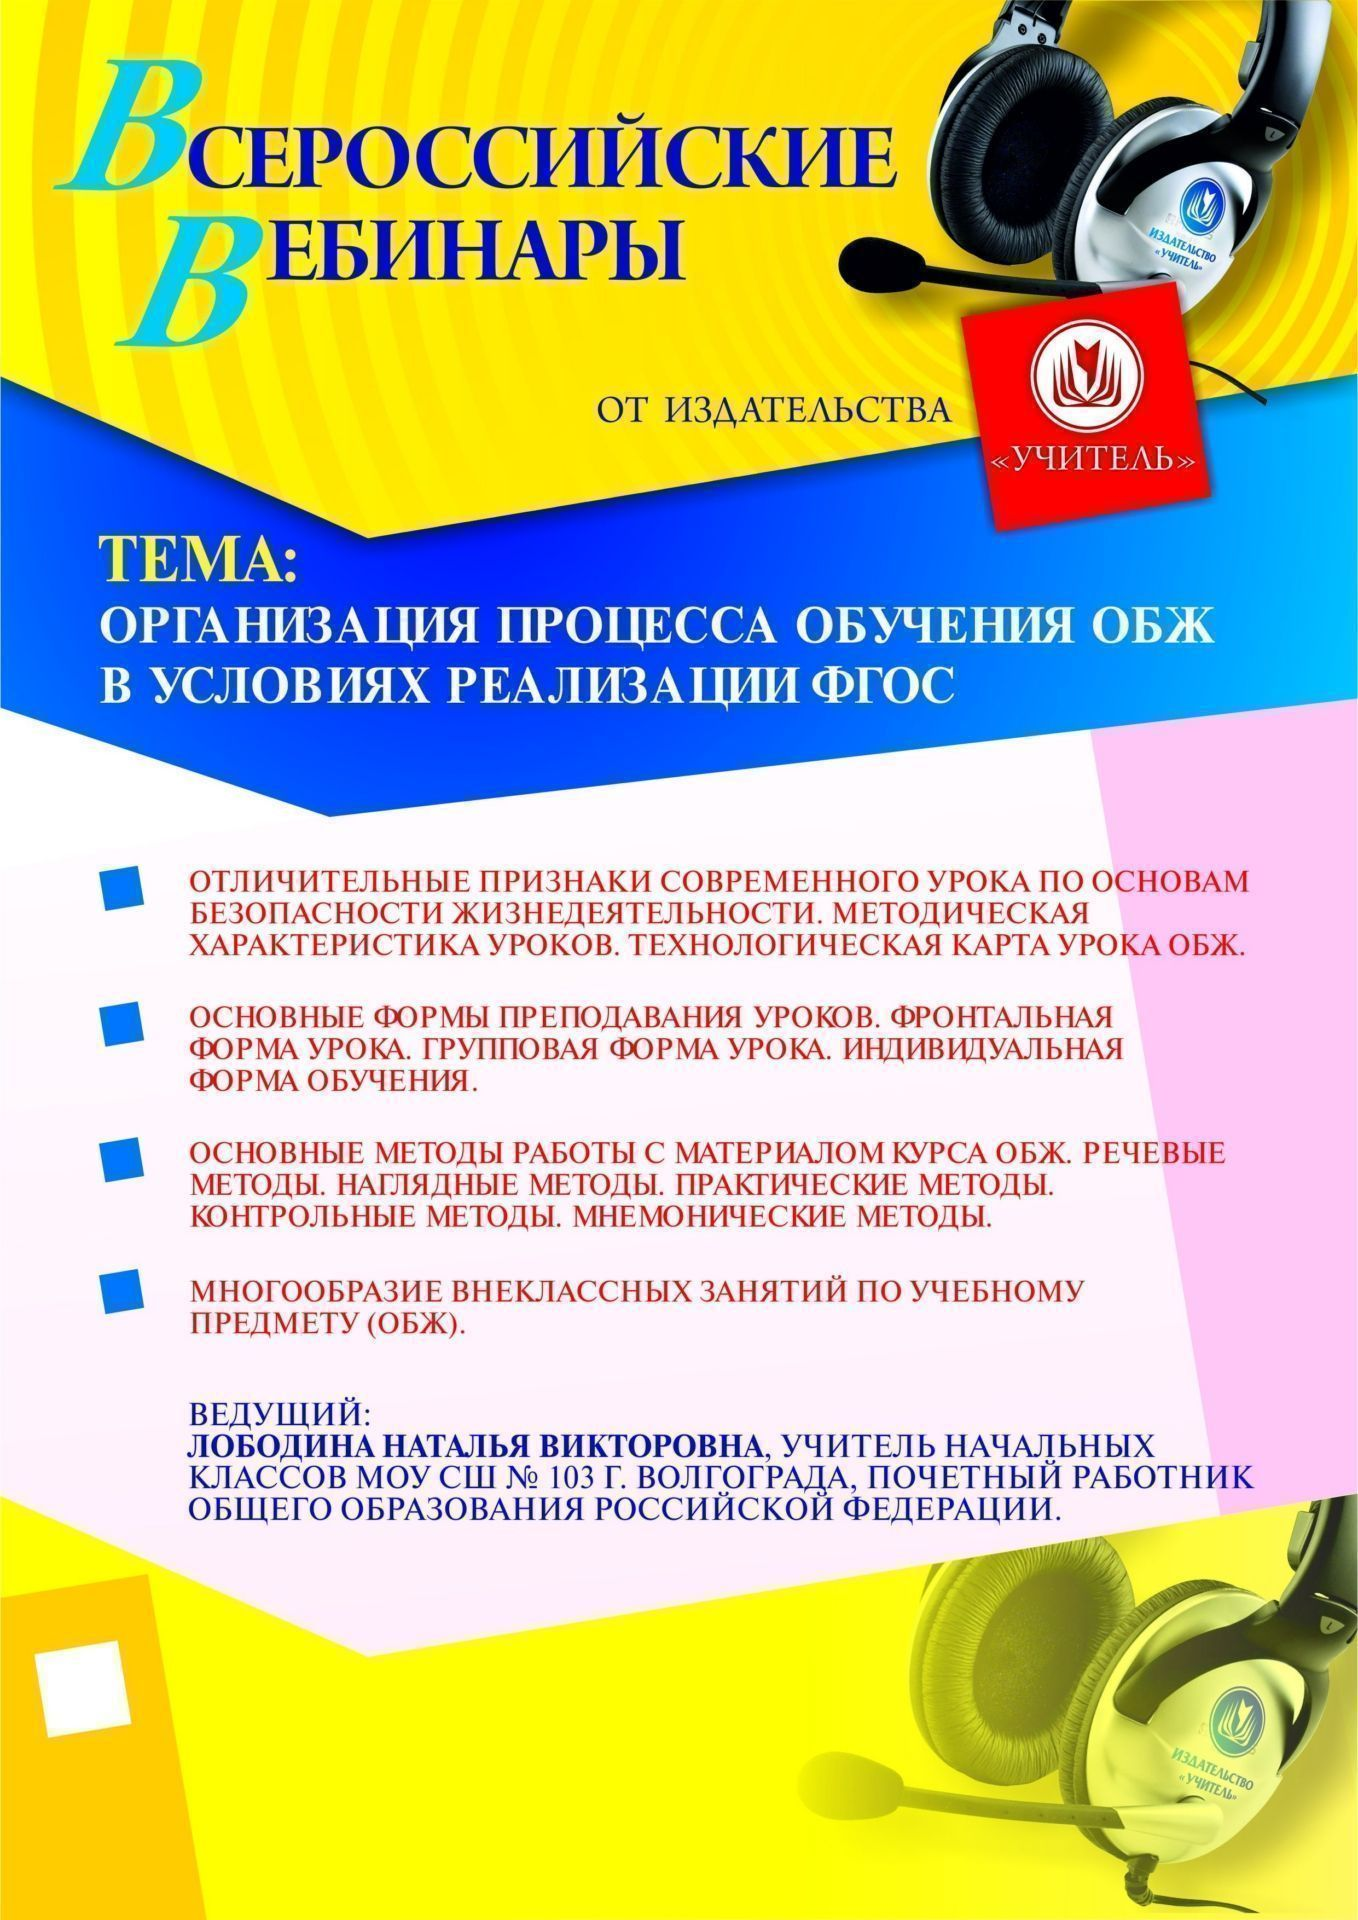 Организация процесса обучения ОБЖ в условиях реализации ФГОС фото